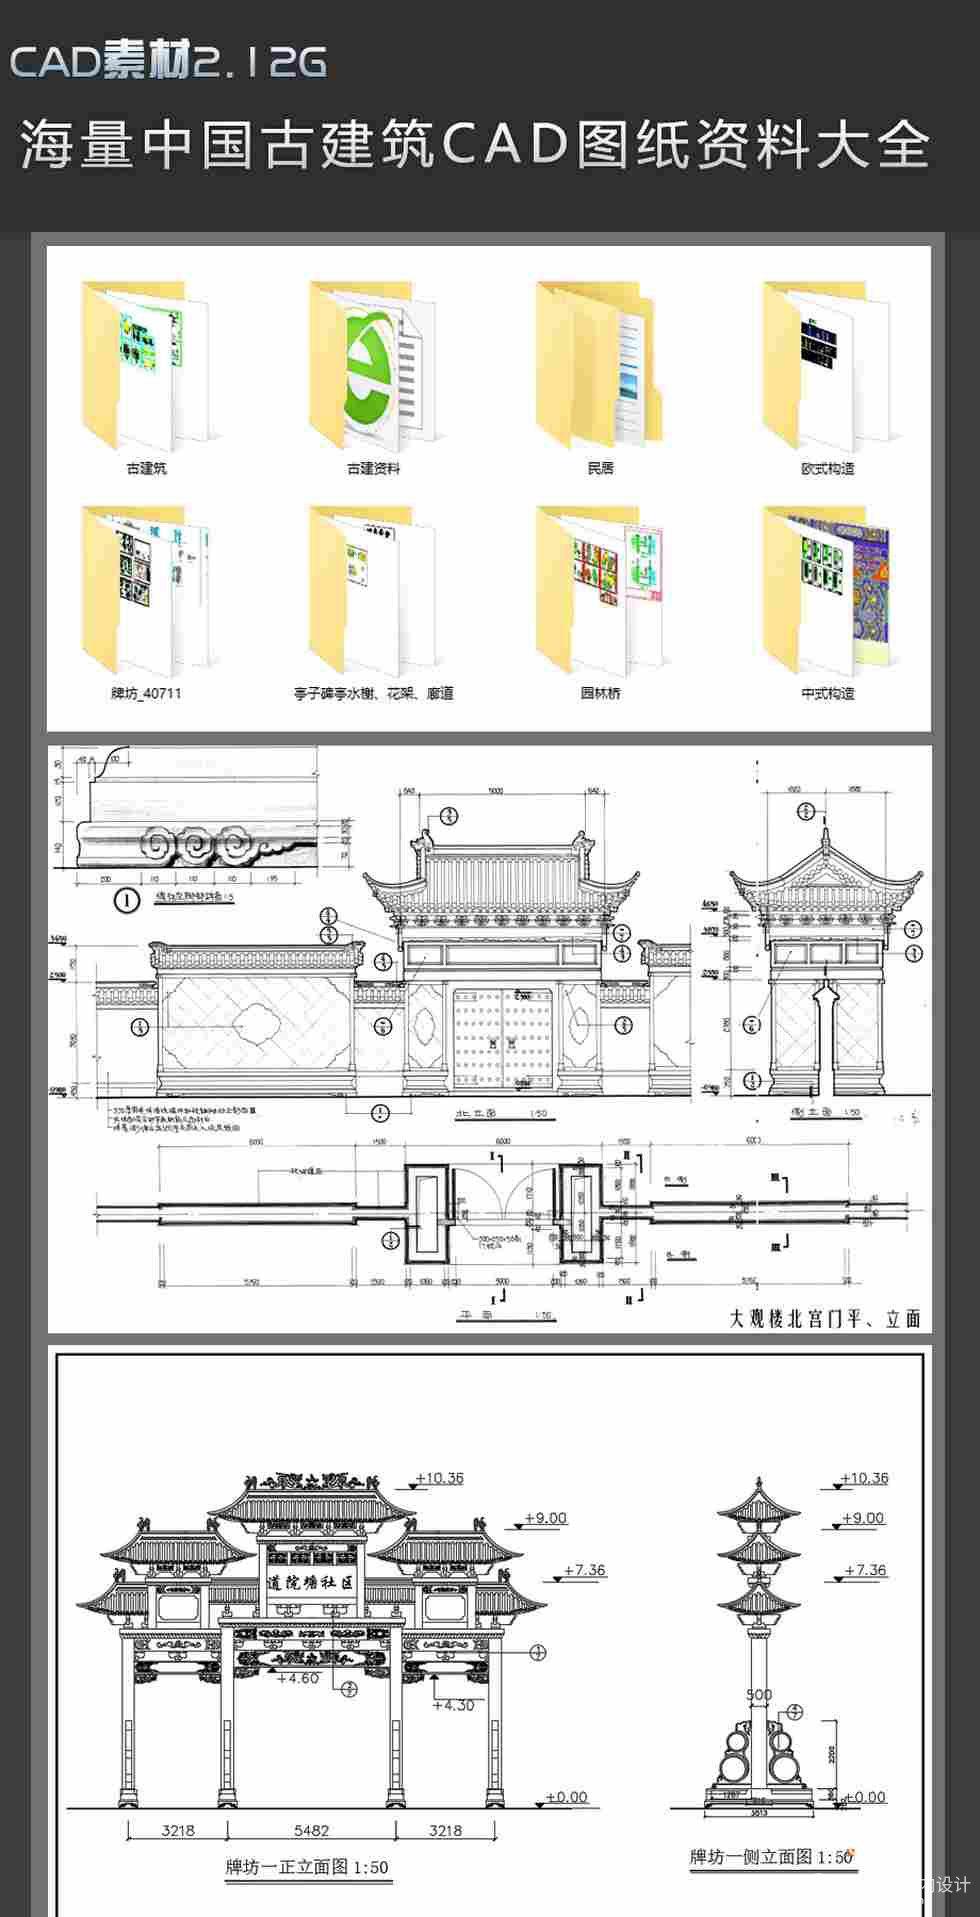 海量中国古建筑cad图纸大全 牌楼亭寺镂空花纹建筑民居设计